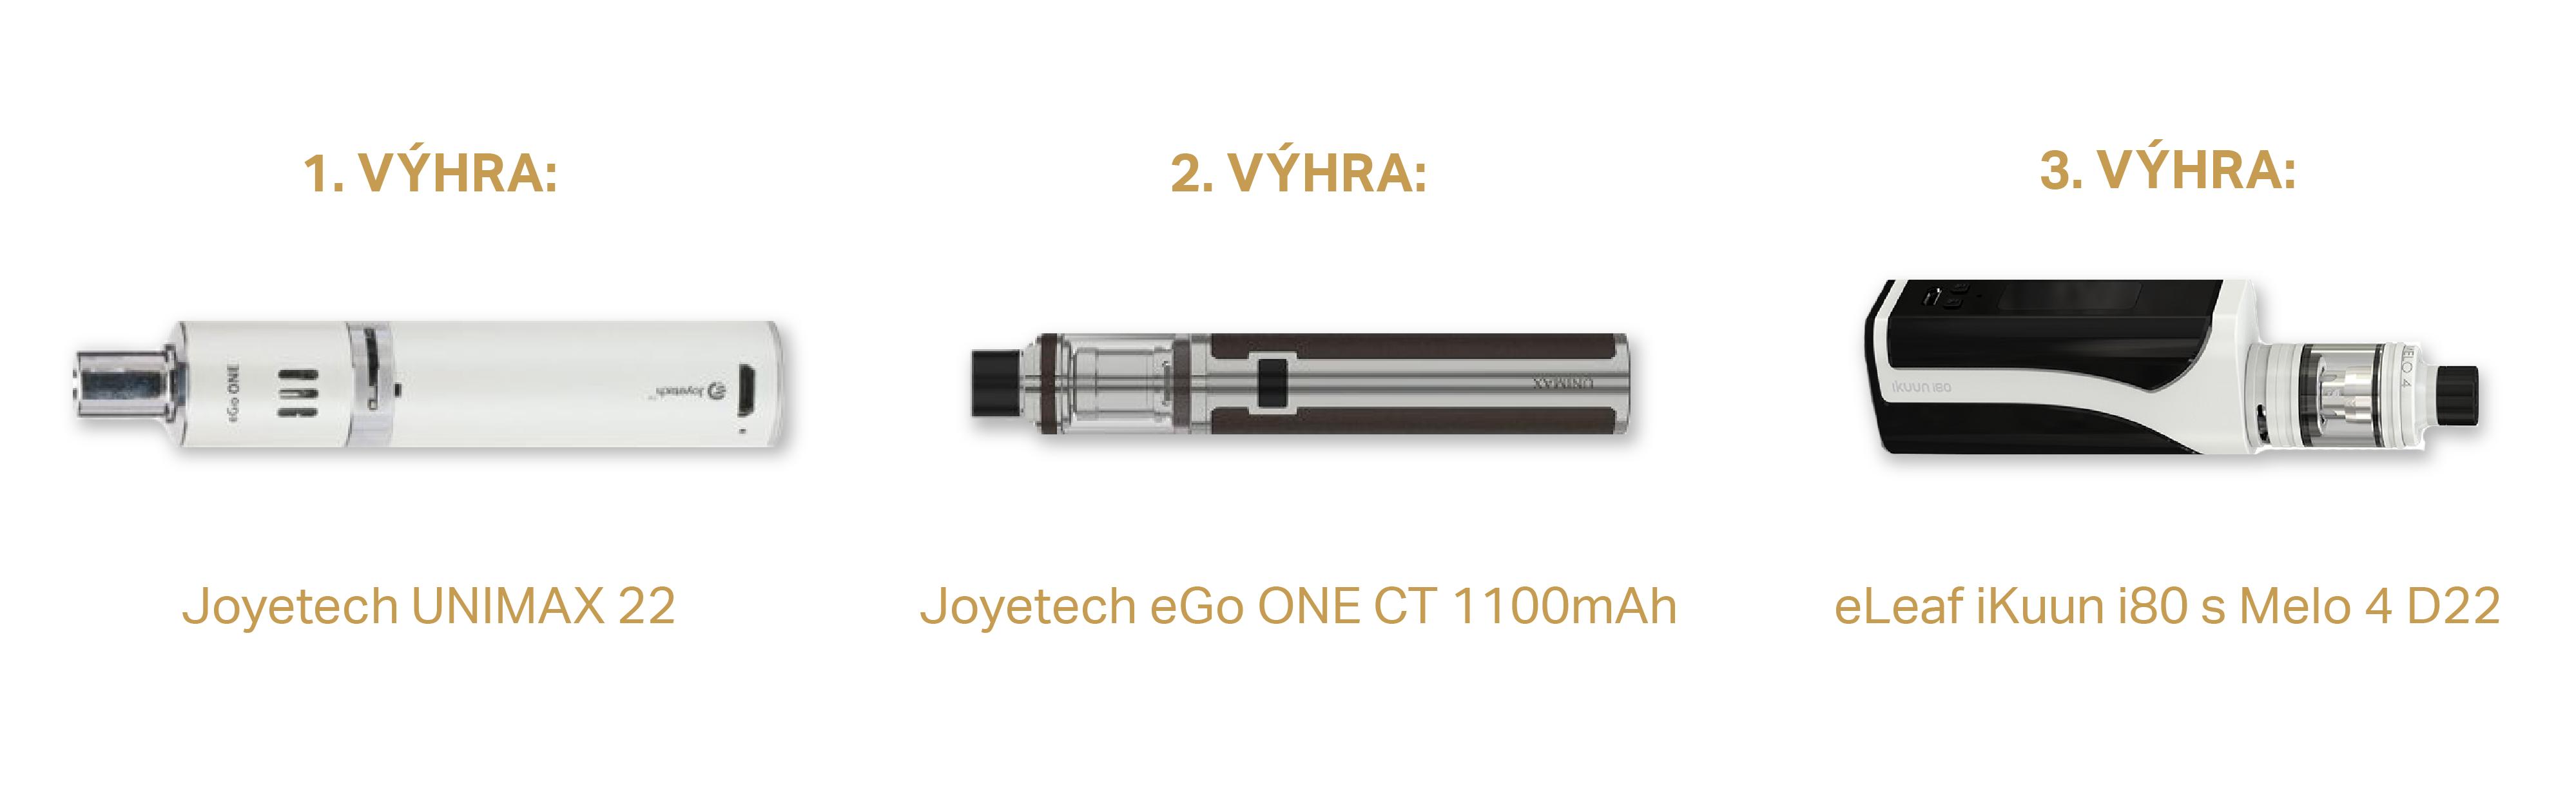 Vyhrajte špičkovou e-cigaretu! Soutěžíme o tři modely - www.gallagher.cz/vyhrajte-spickovou-cigaretu/